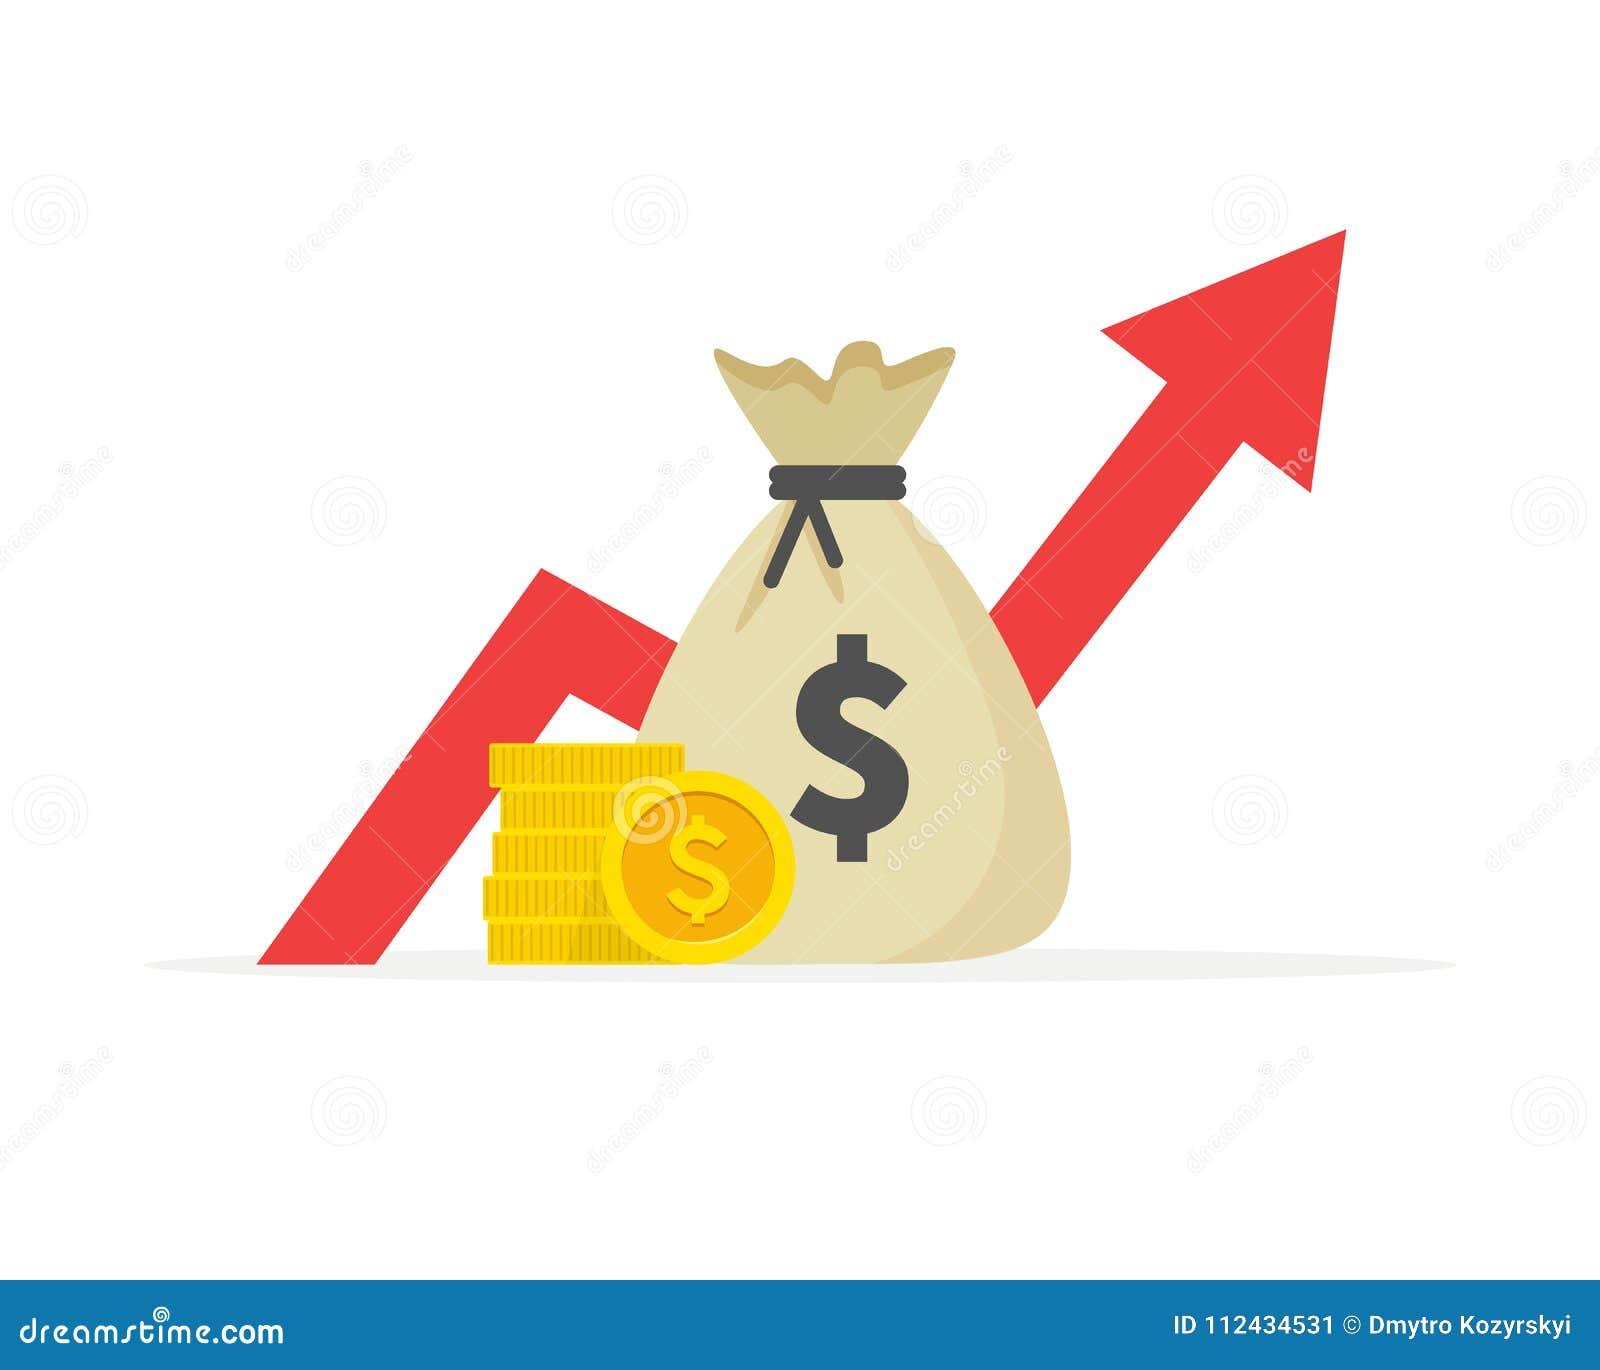 Desempenho financeiro, produtividade do negócio do dólar, relatório da estatística, fundo de investimento aberto, retorno sobre o